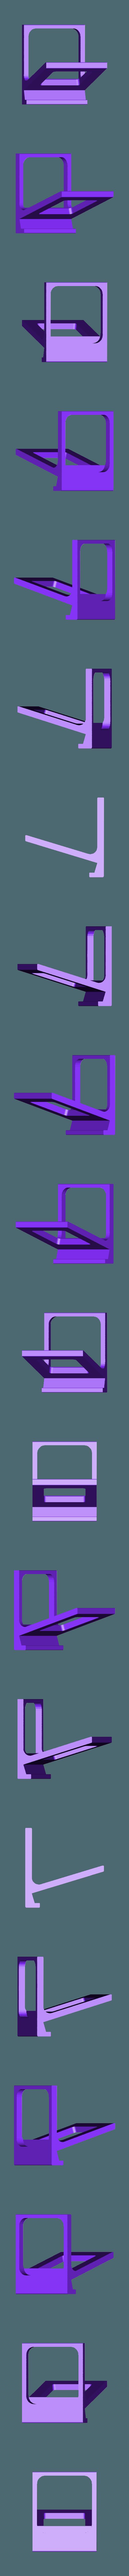 supprt_vdt.stl Download free STL file Map frame • 3D printer model, touchthebitum